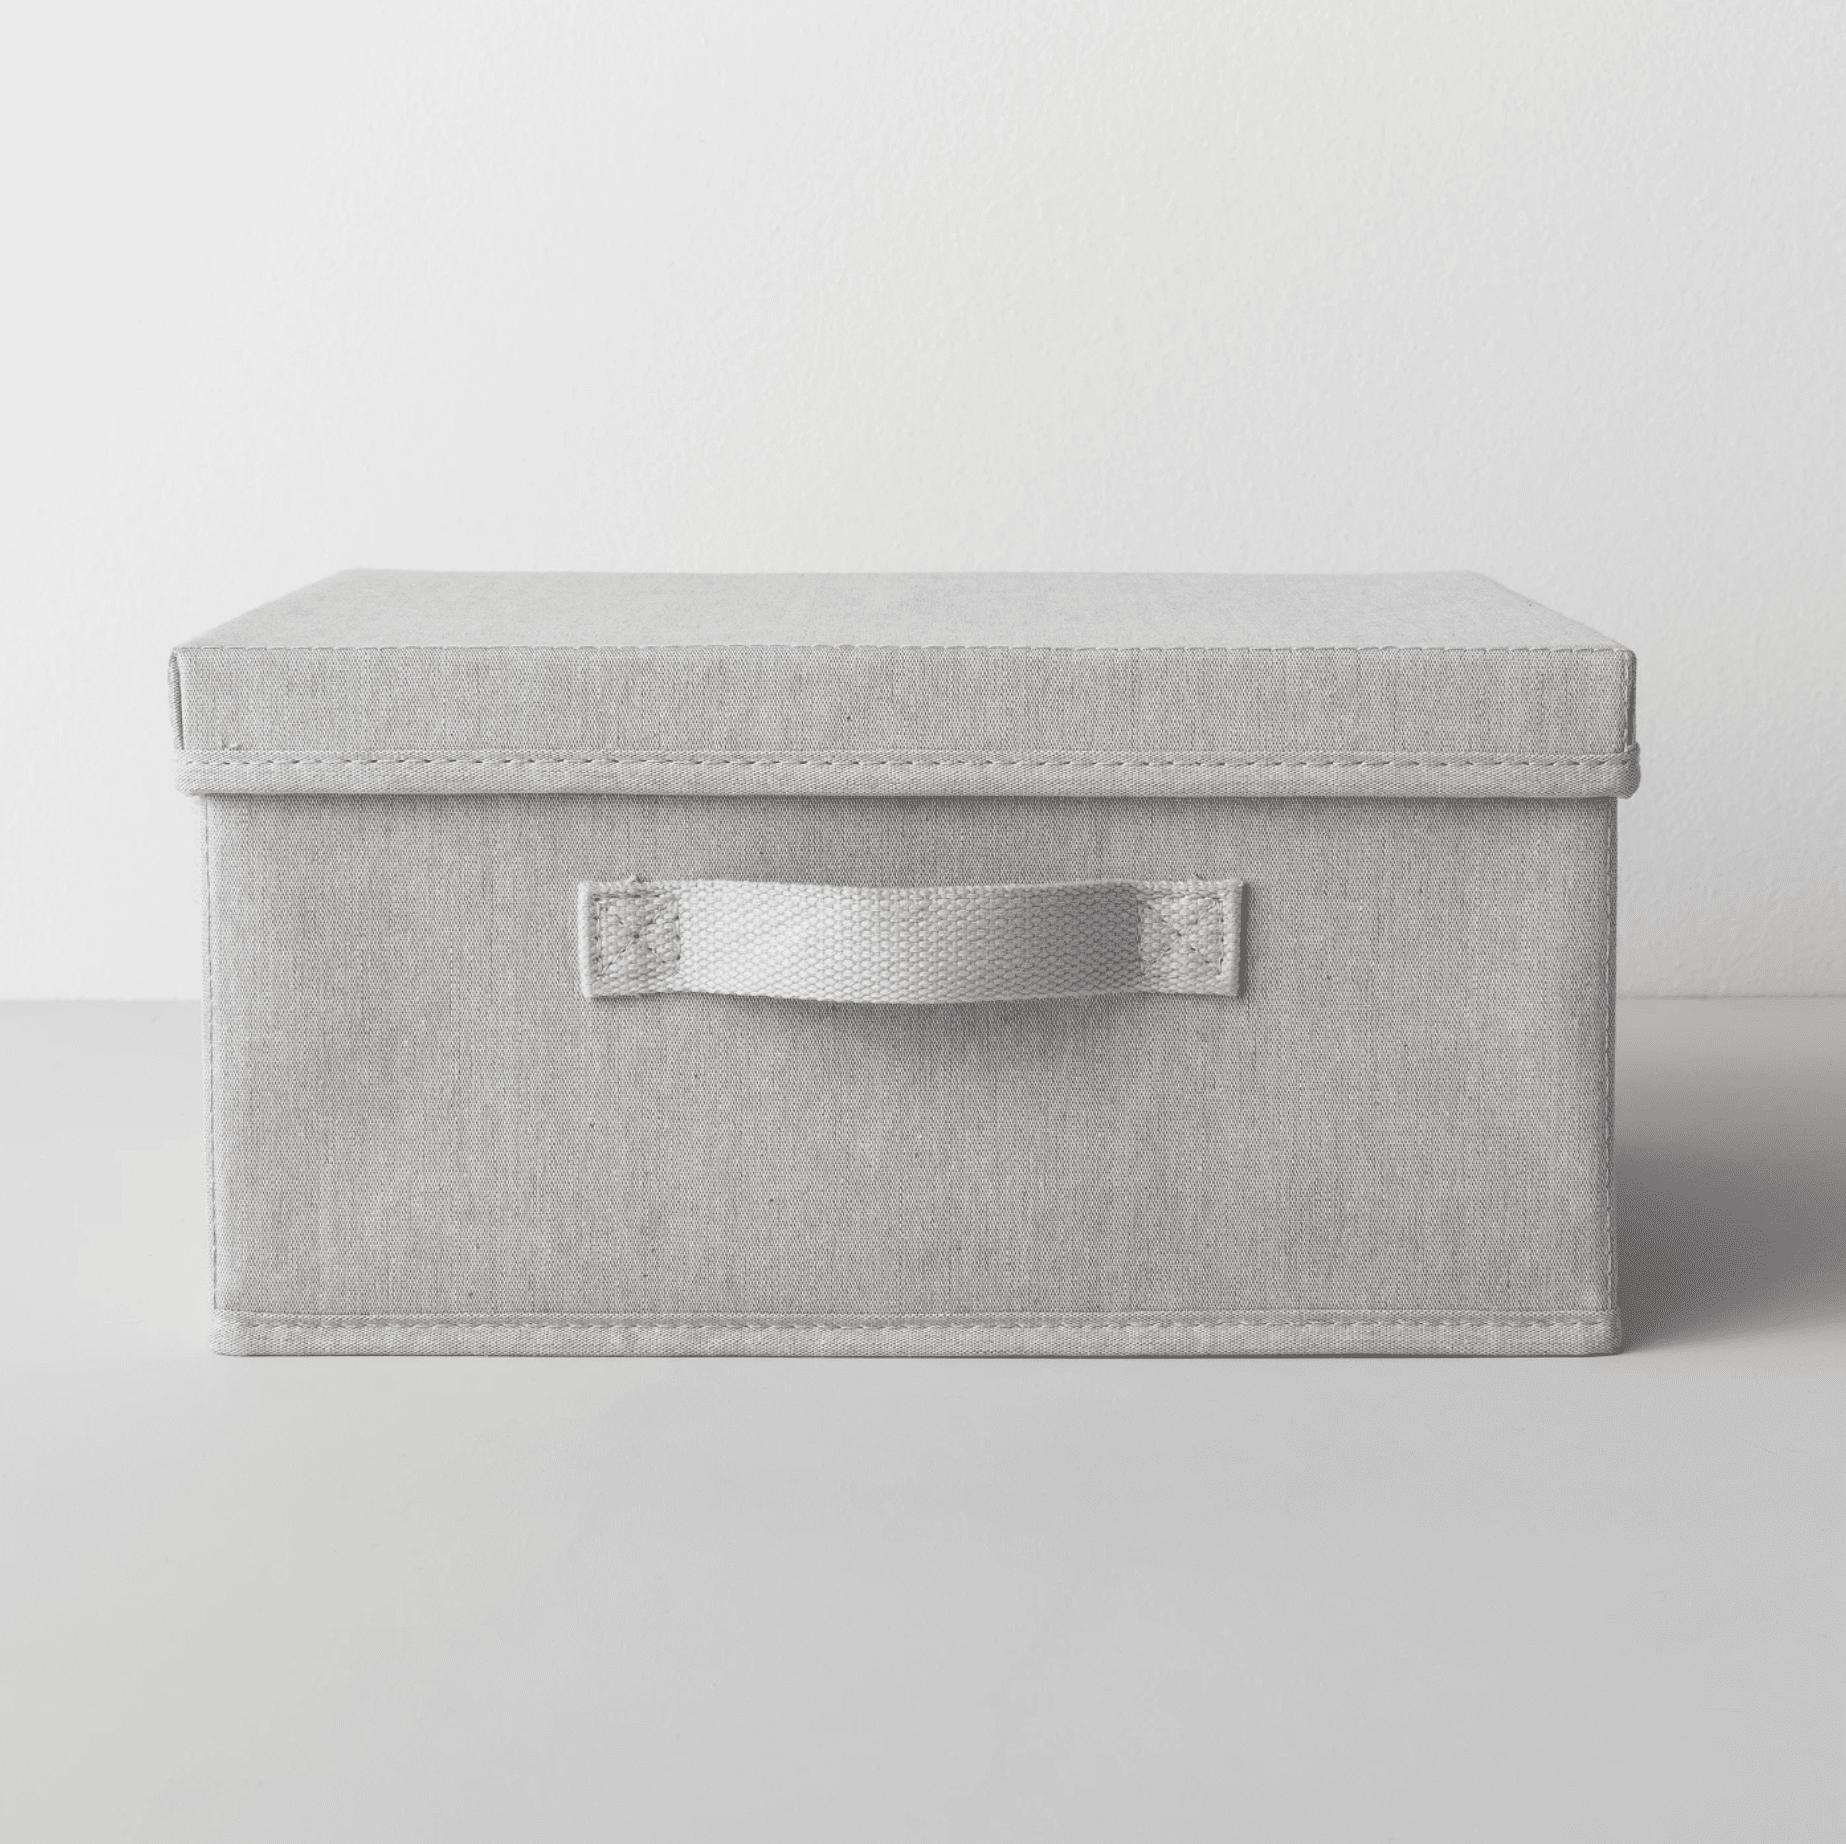 9 hộp lưu trữ đồ dùng có giá dưới 400 nghìn đồng, vừa dễ thương lại tiện lợi mà bạn có thể sắm ngay để sử dụng  - Ảnh 2.